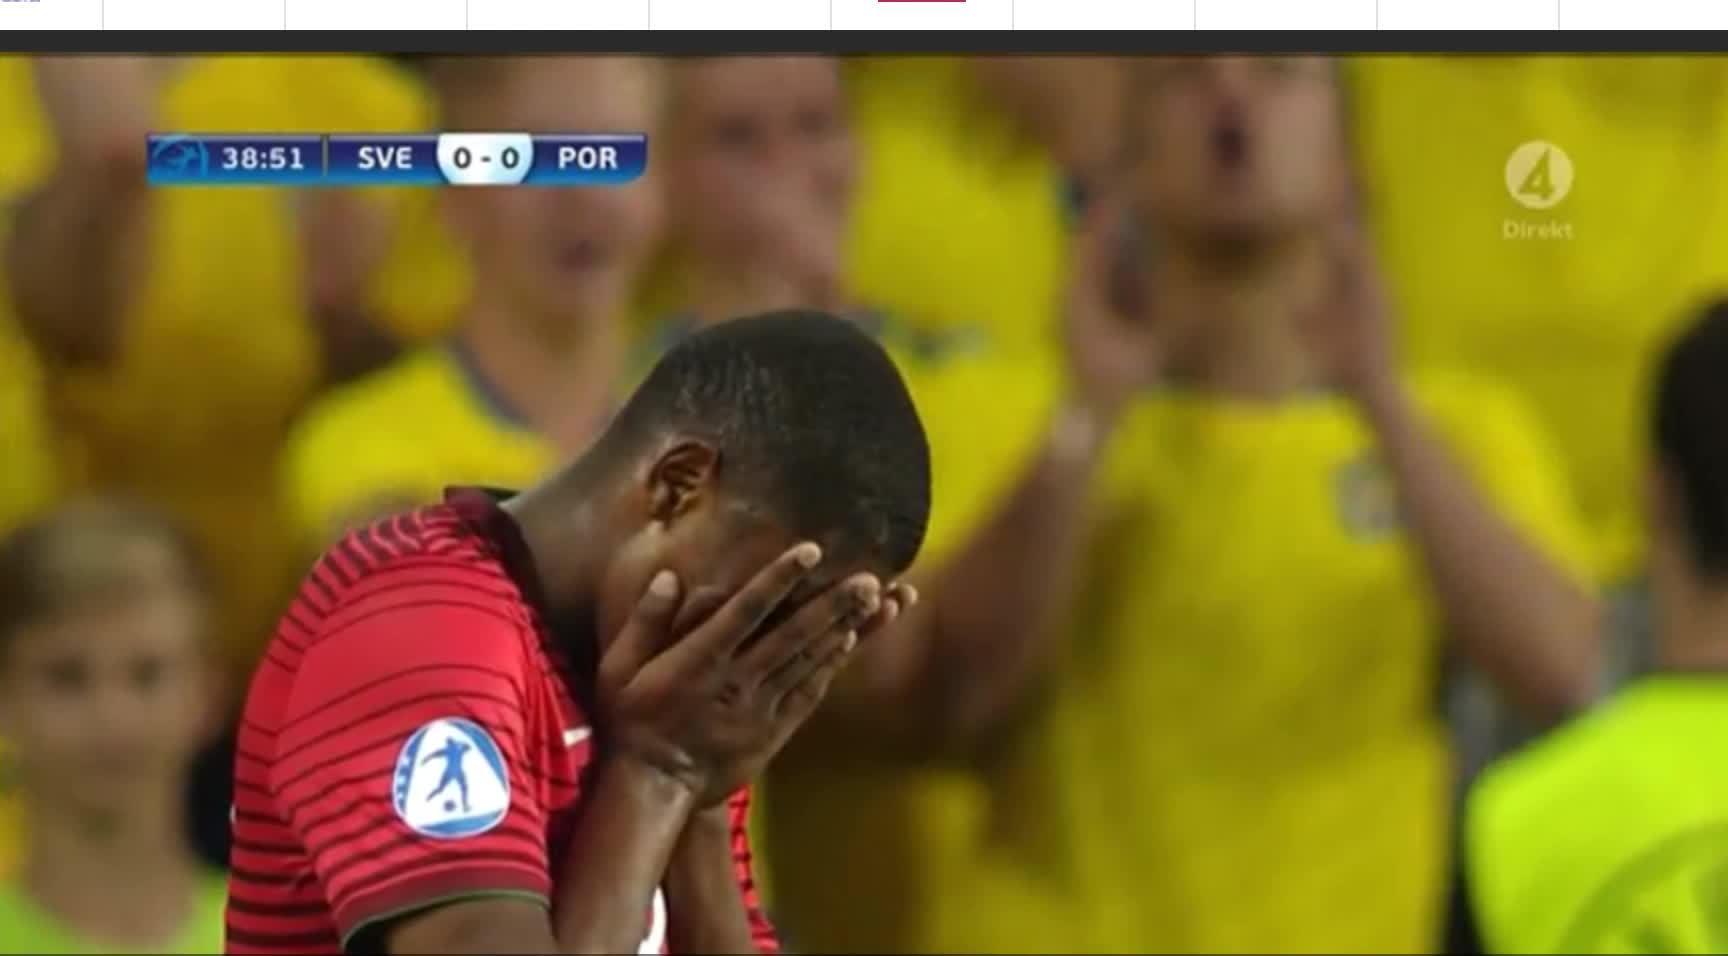 soccer, swarje, sweden, EM GULD EM GULD EM GULD!!!!!!!!!!!!!!!! (reddit) GIFs